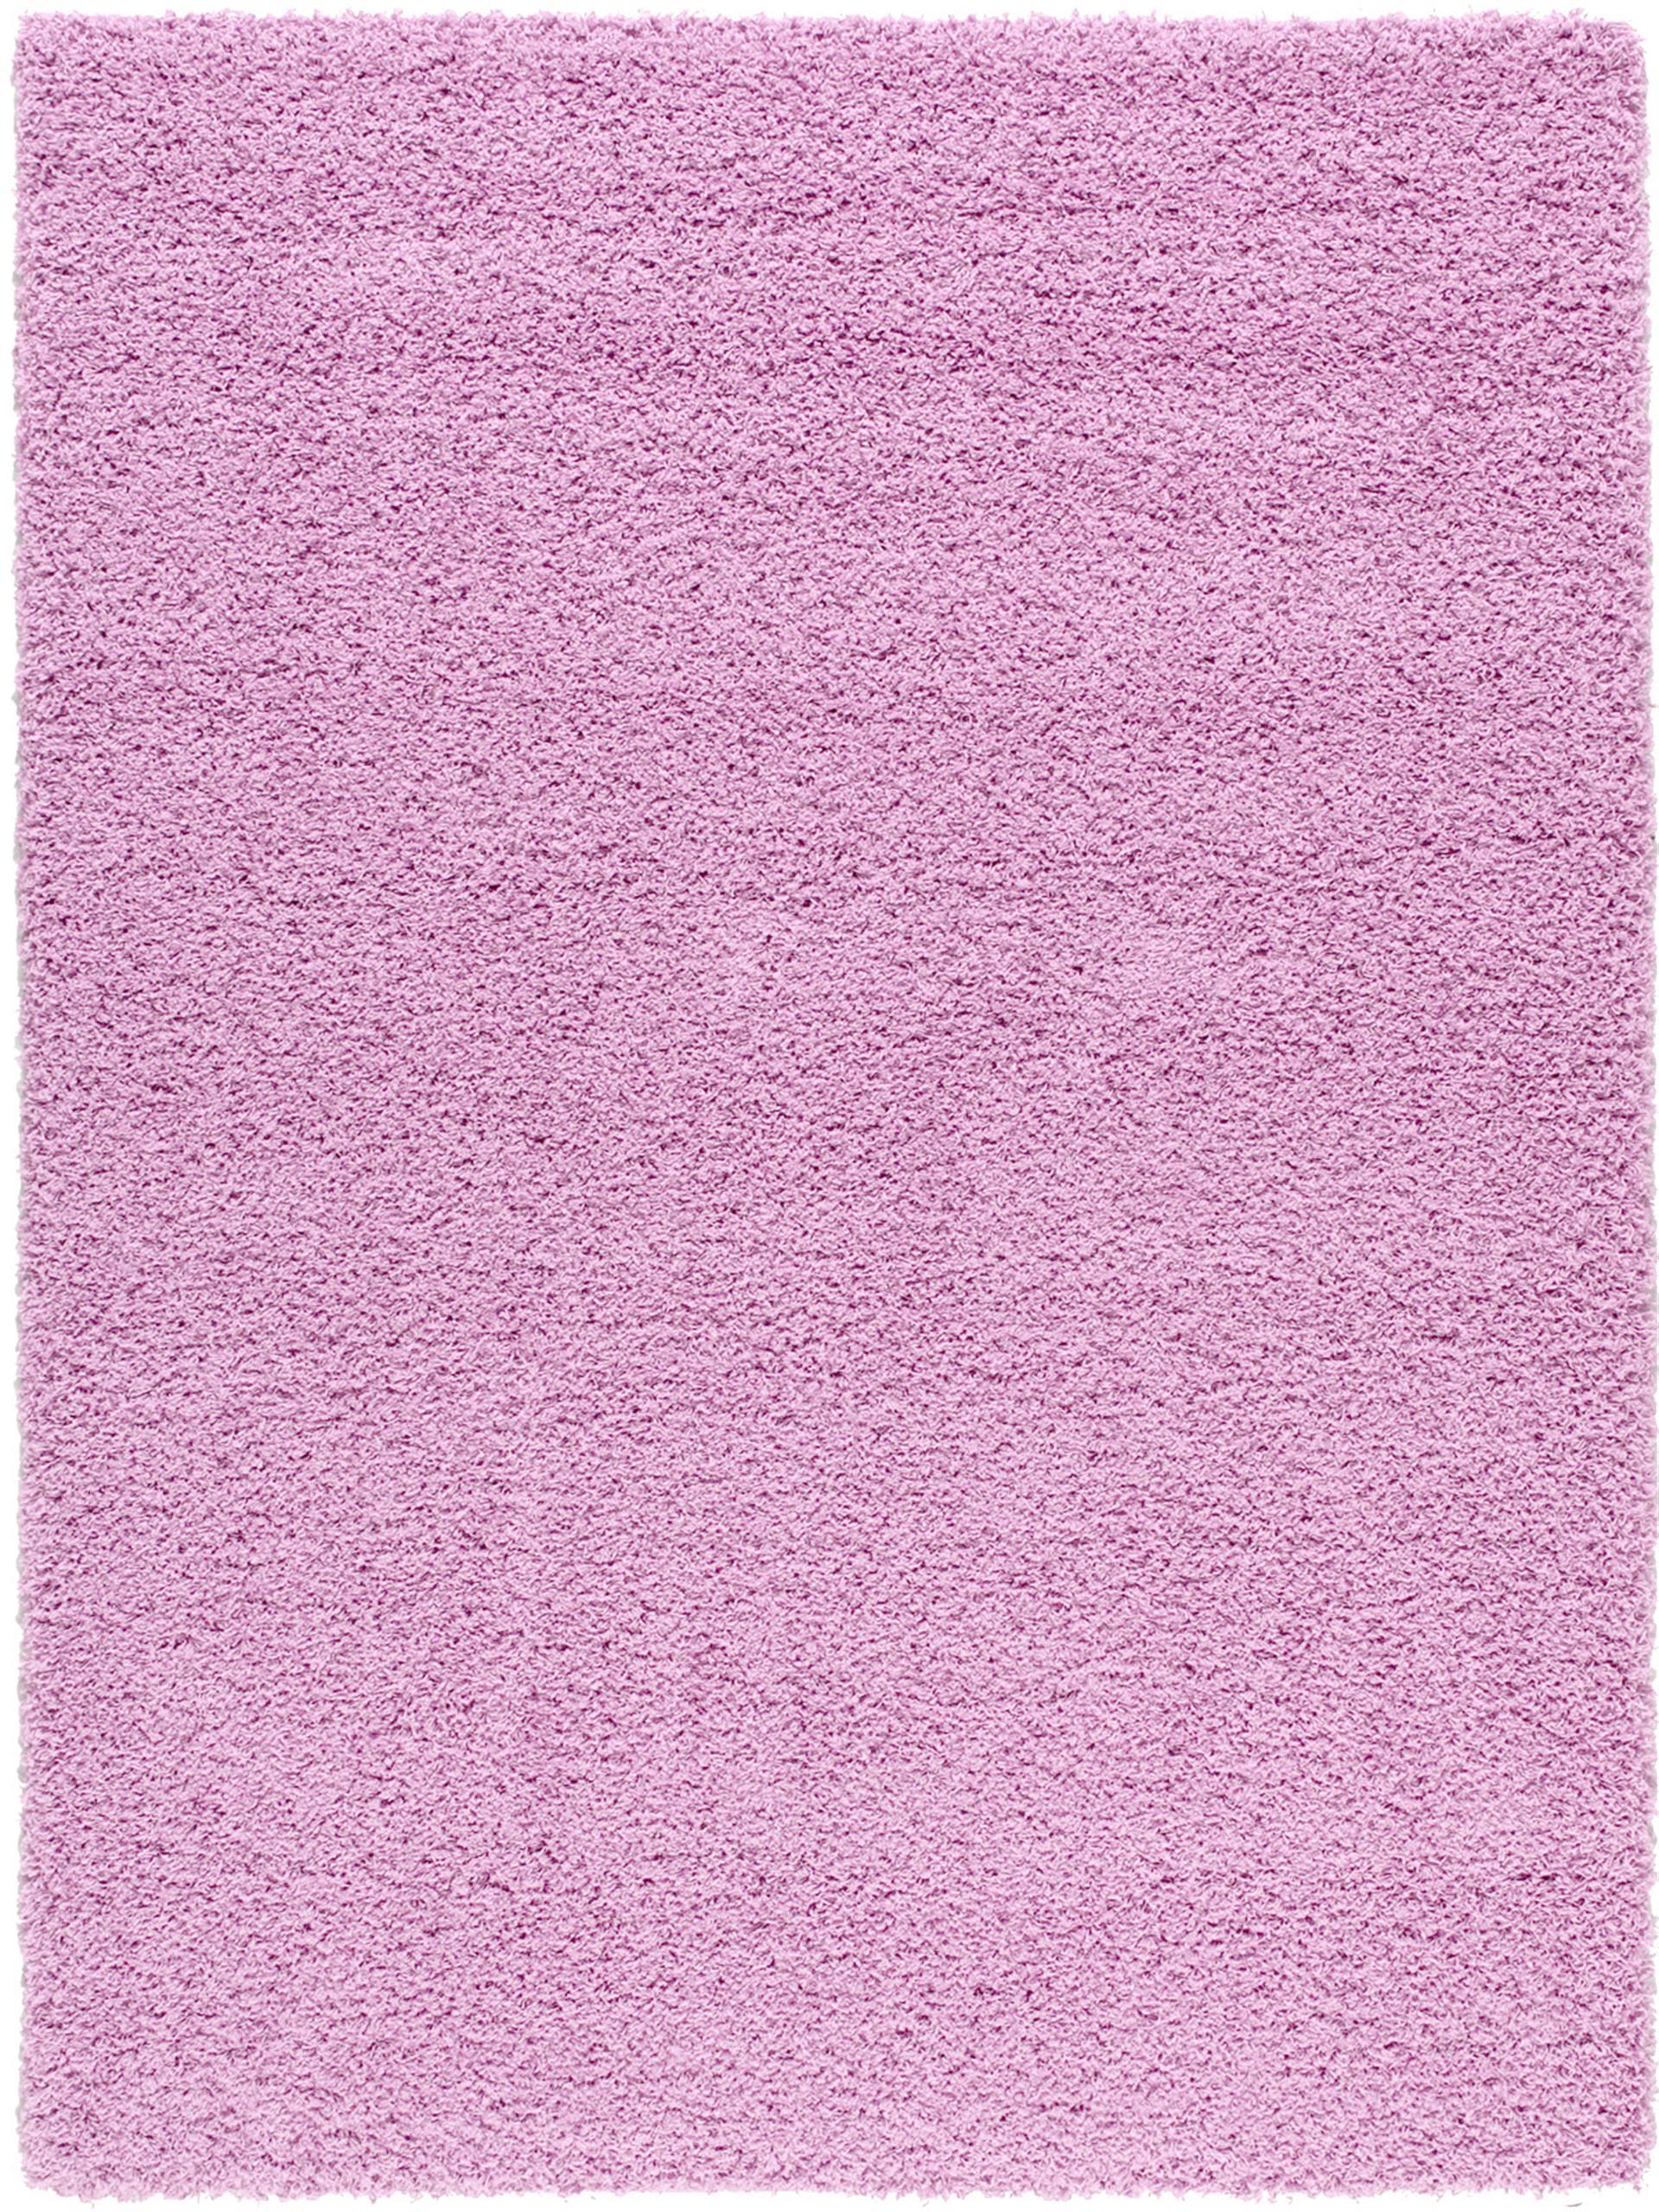 benuta hochflor teppich swirls neu in 11 farben ebay. Black Bedroom Furniture Sets. Home Design Ideas